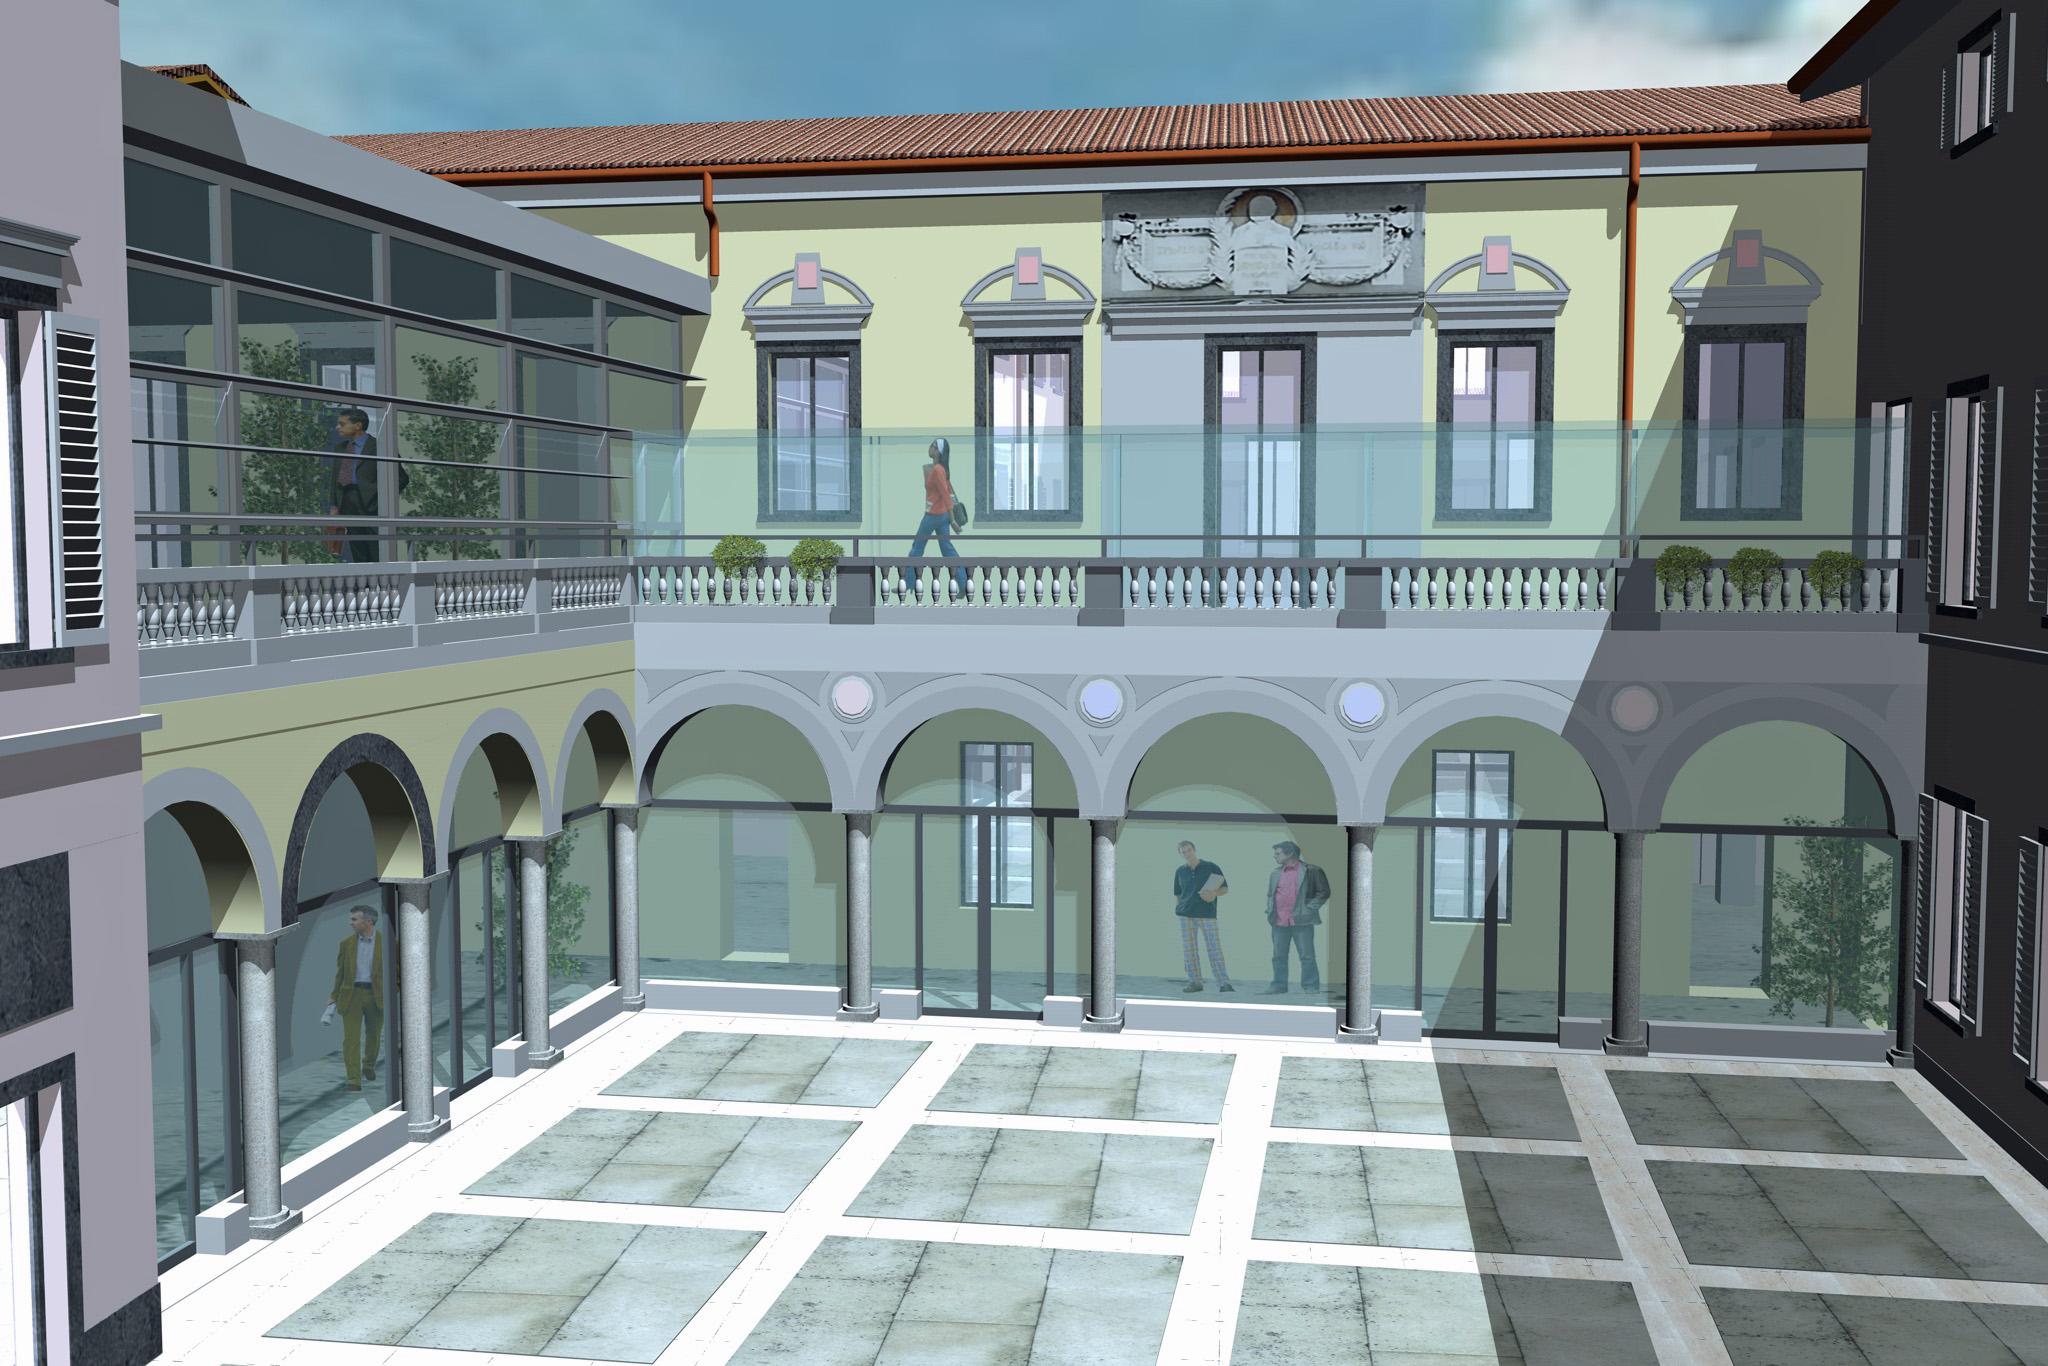 Facile Ristrutturare Opinioni Architetti nuovo futuro per la fondazione rubini: sviluppo